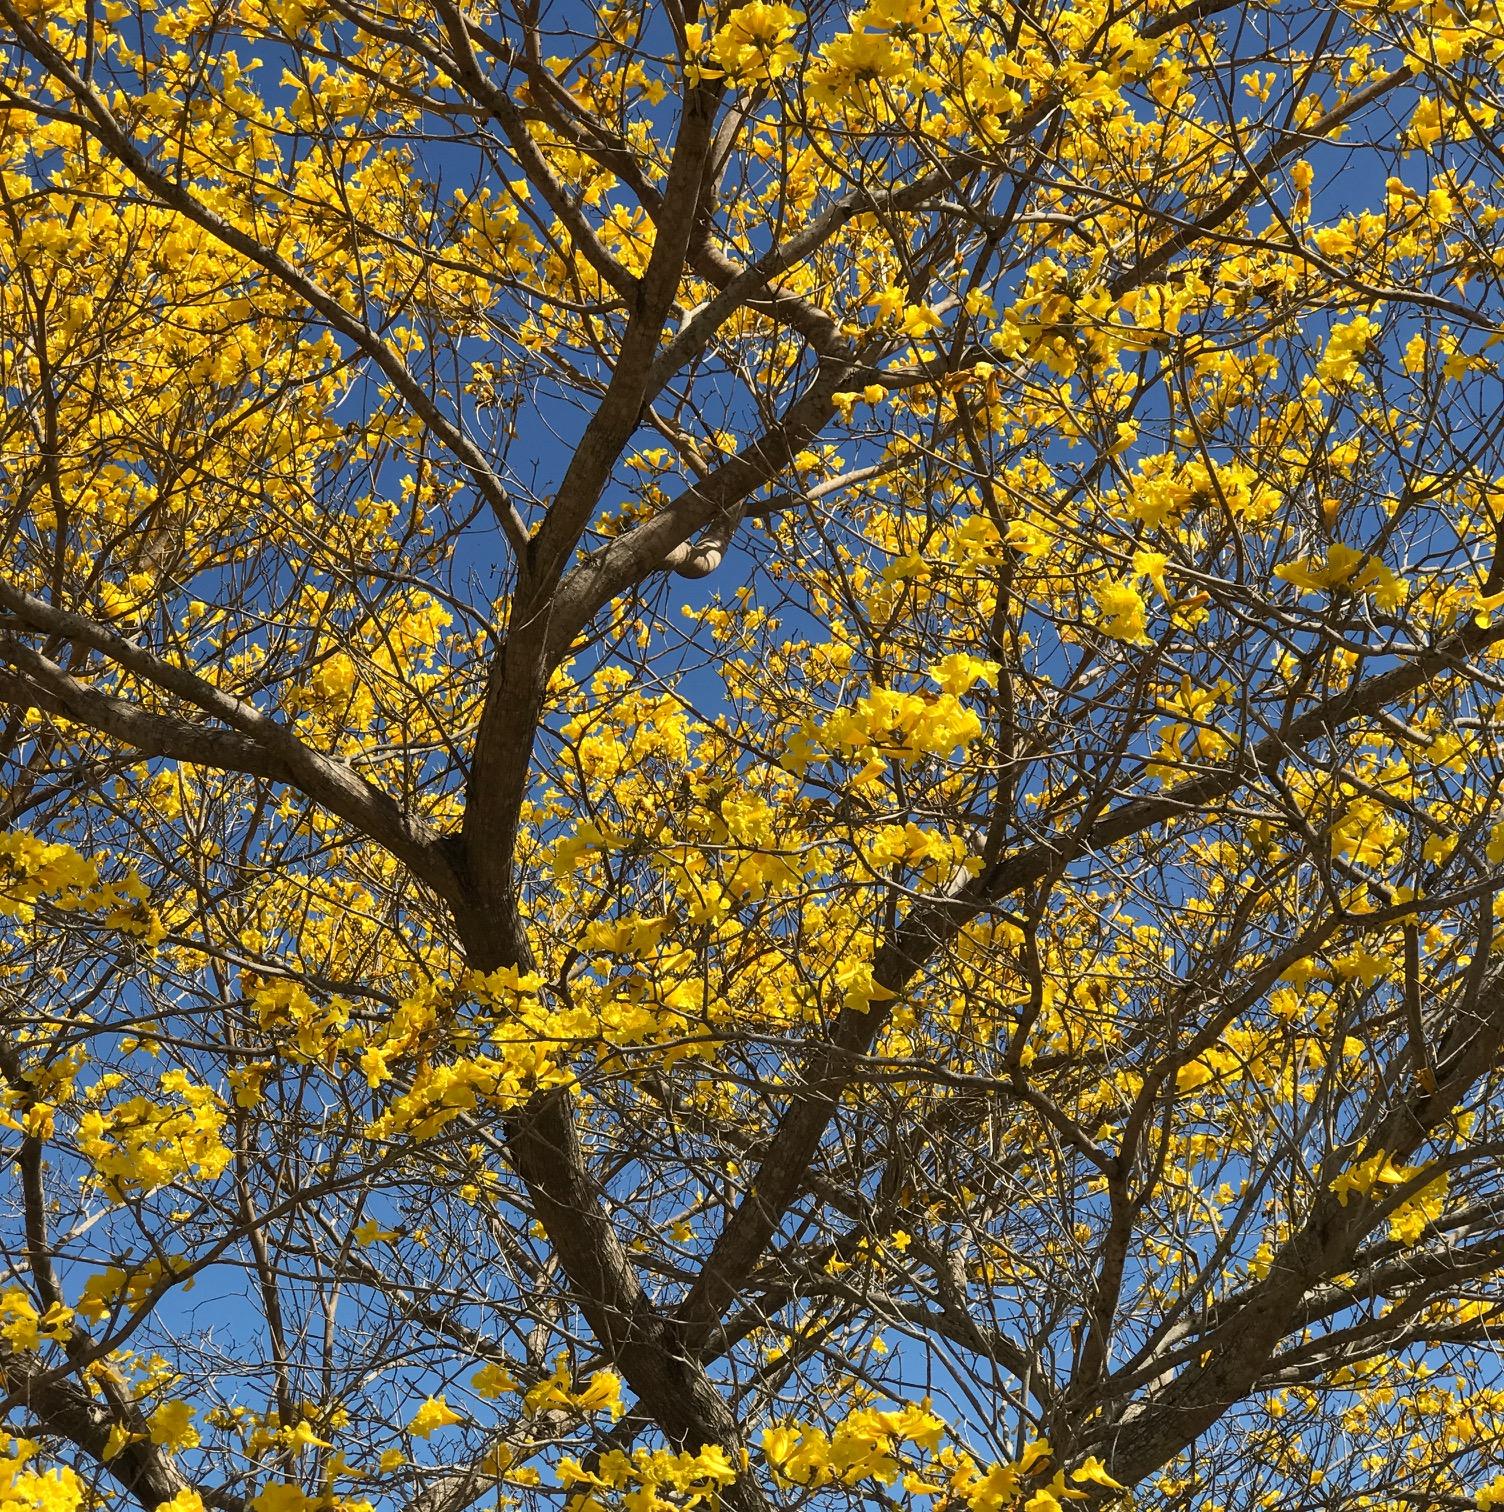 treeIMG_7988.JPG